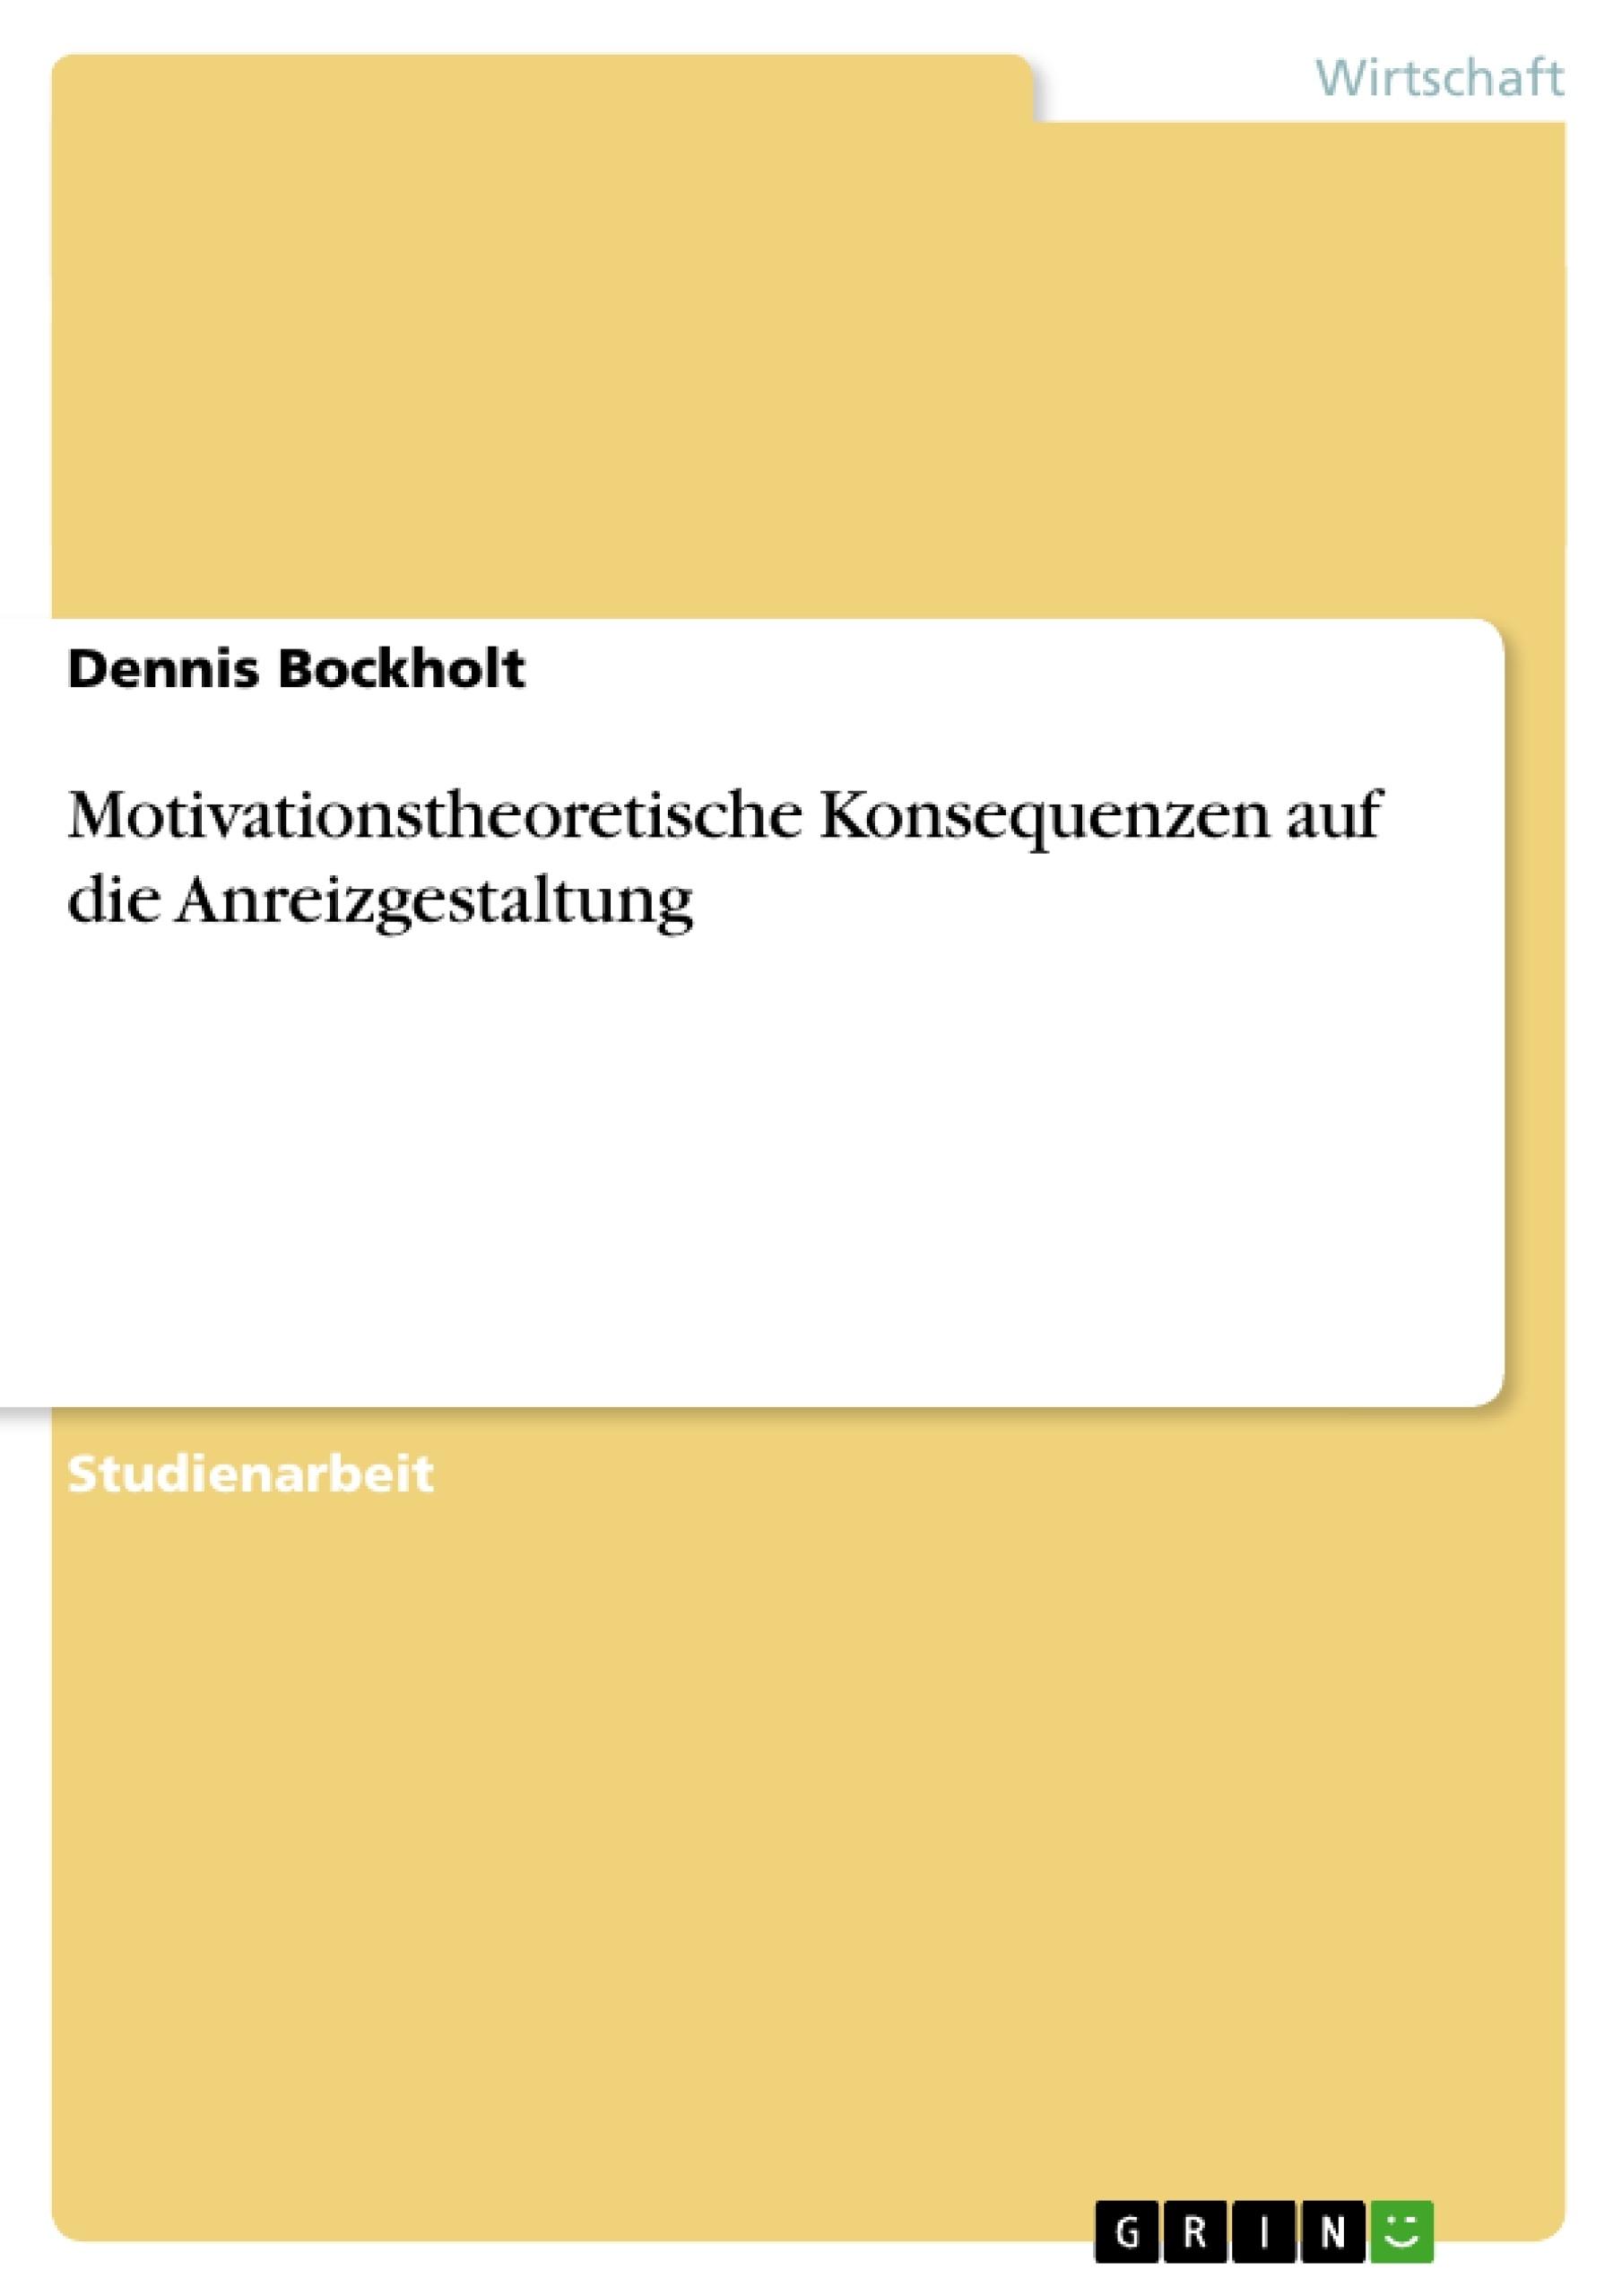 Titel: Motivationstheoretische Konsequenzen auf die Anreizgestaltung